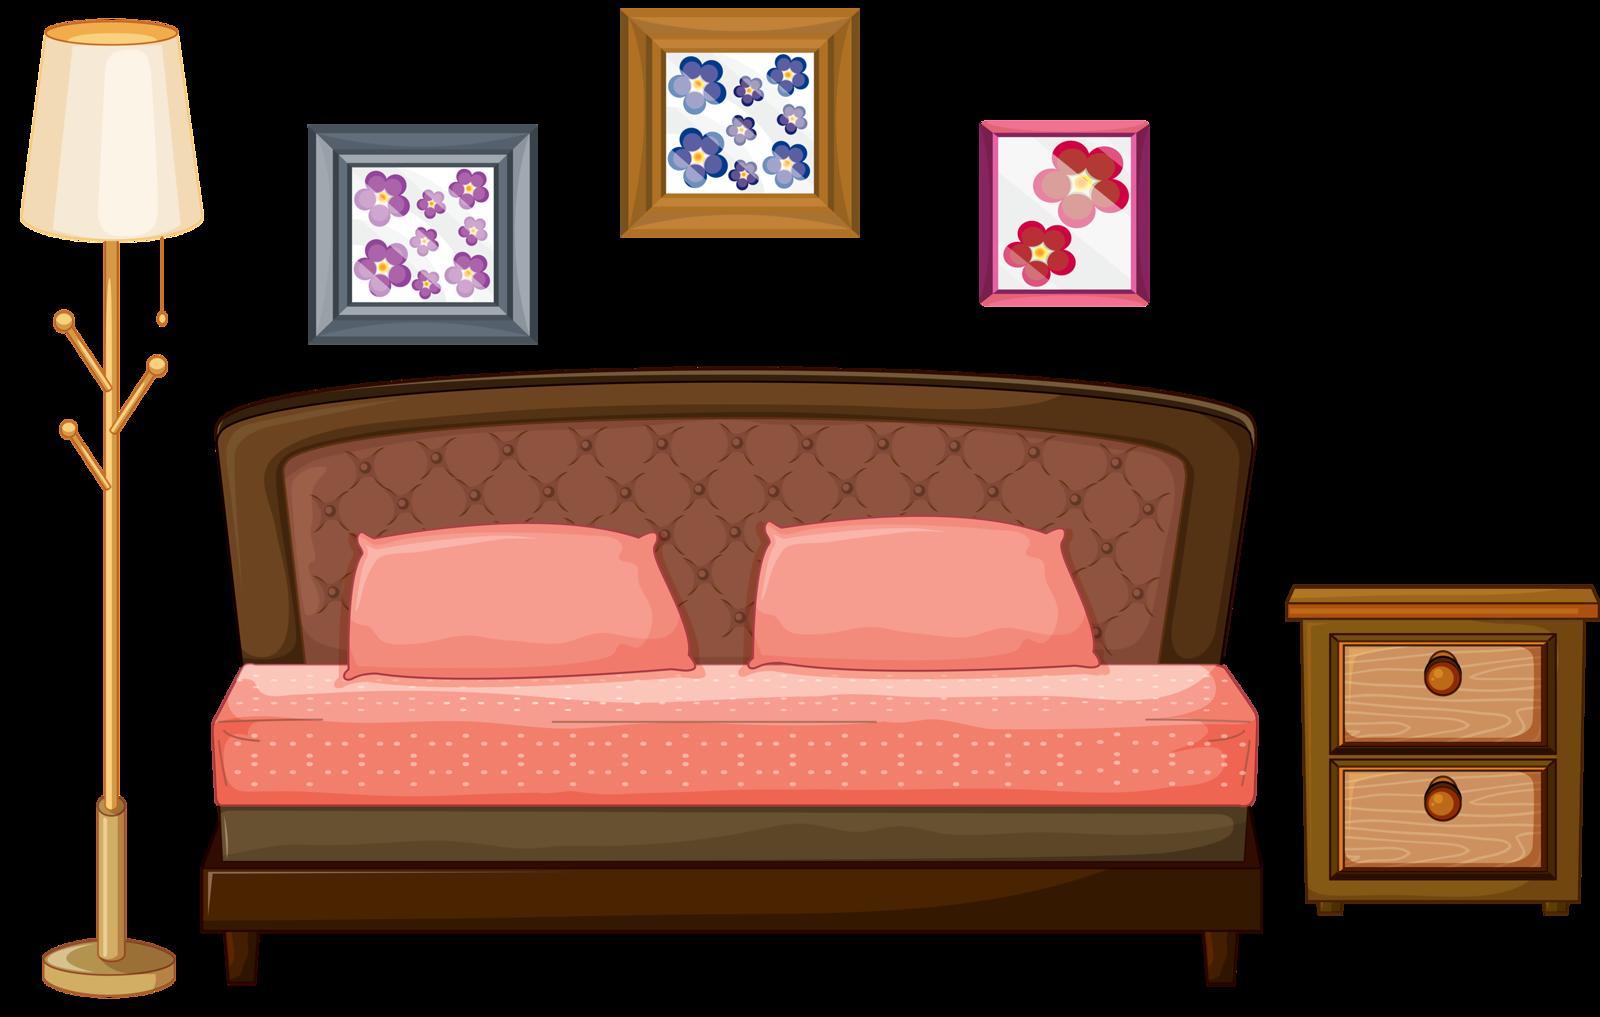 картинка кровать для кукольного домика материал изготавливается смеси